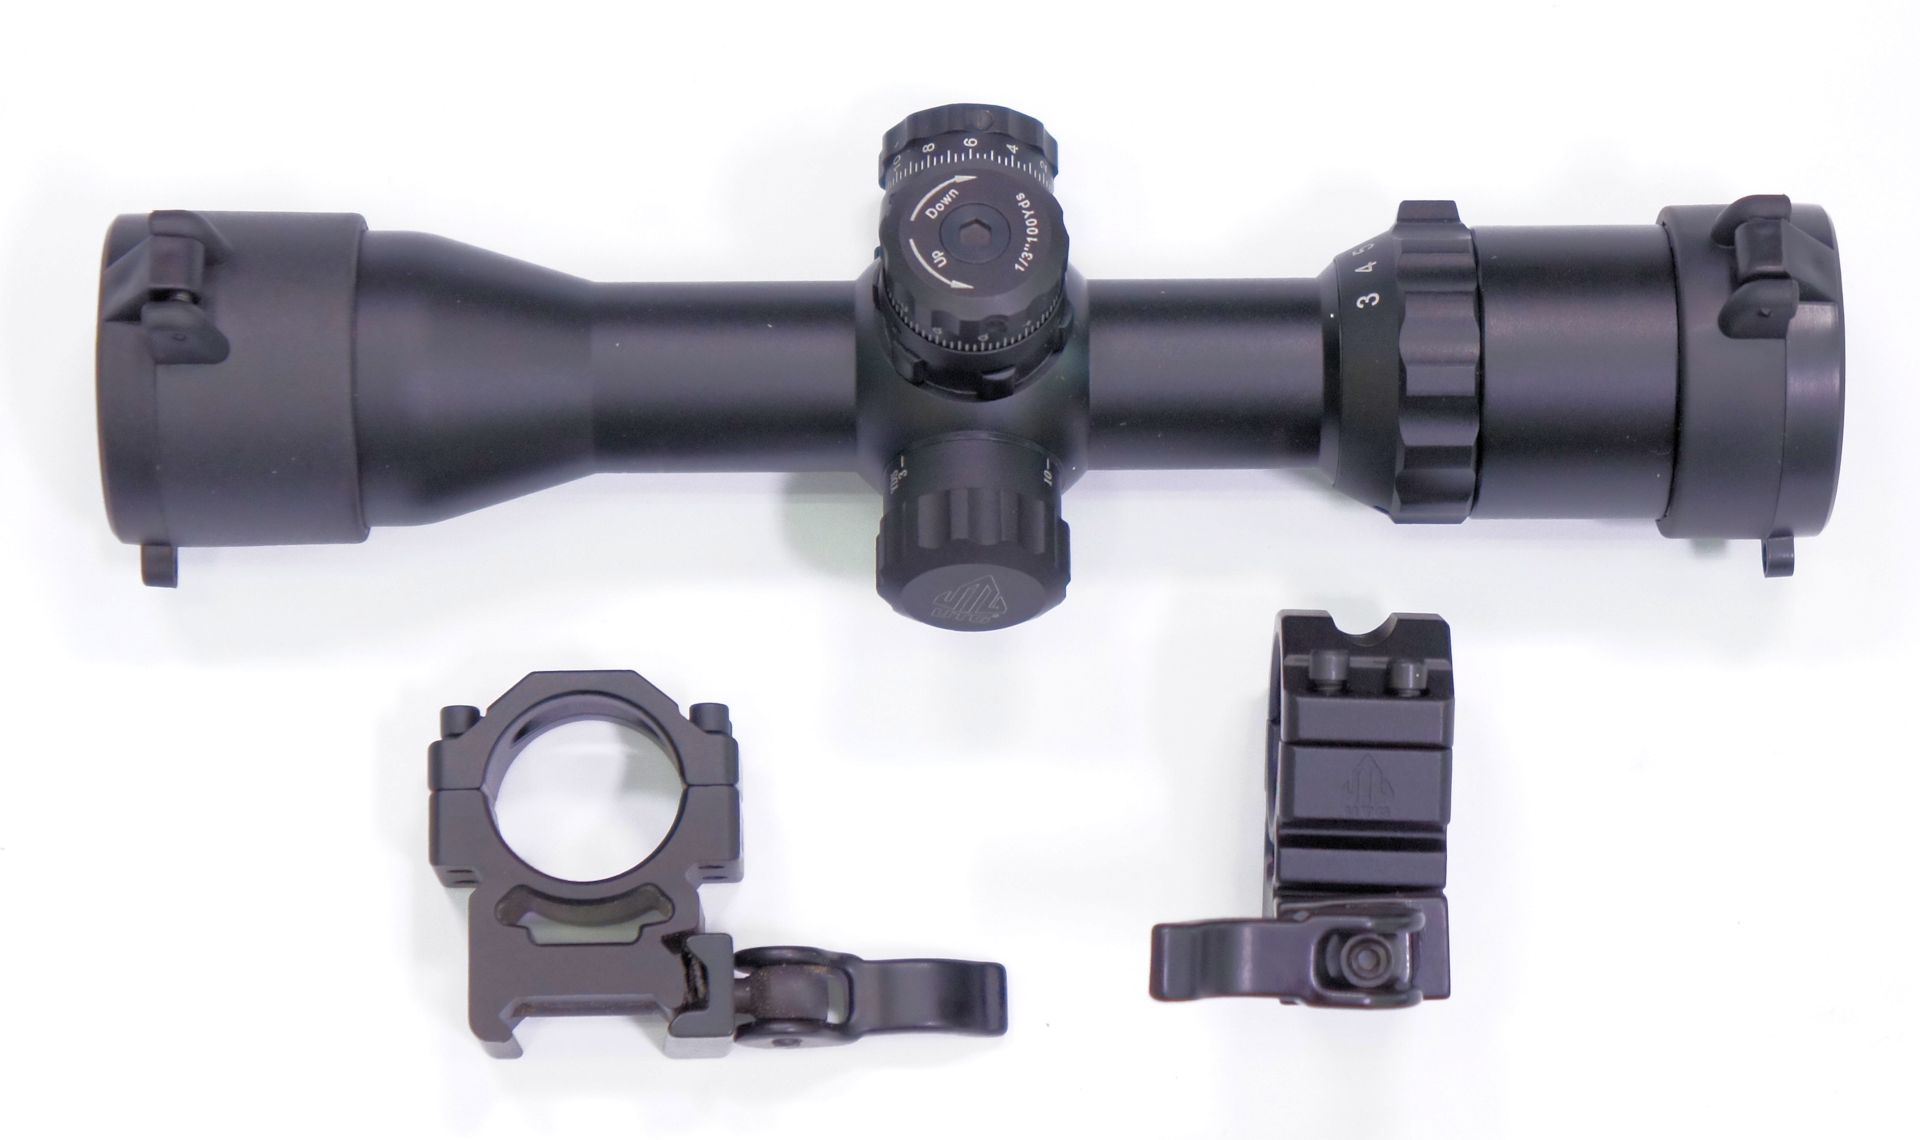 UTG compact 3-12x32 mit seitlicher Parallaxeverstellung und Montagefüßen 21mm